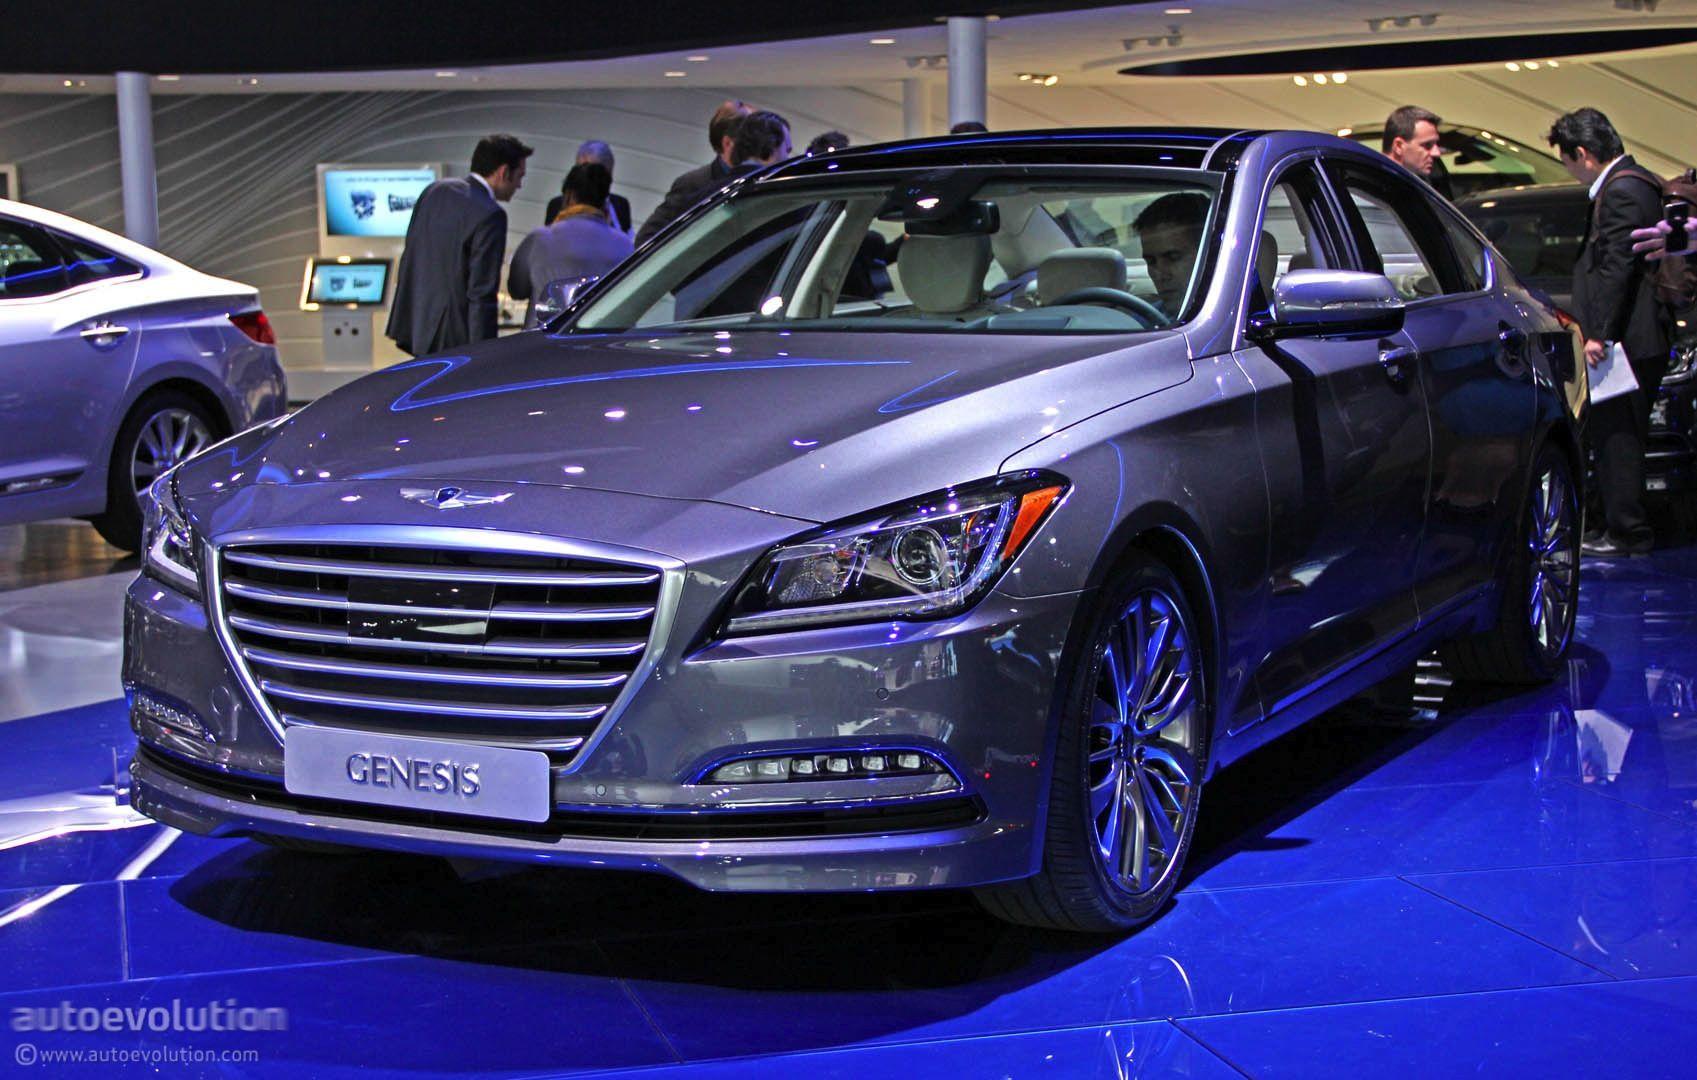 2015 Hyundai Genesis Luxury Sedan Revealed In Detroit Live Photos Luxury Sedan 2015 Hyundai Genesis Hyundai Genesis